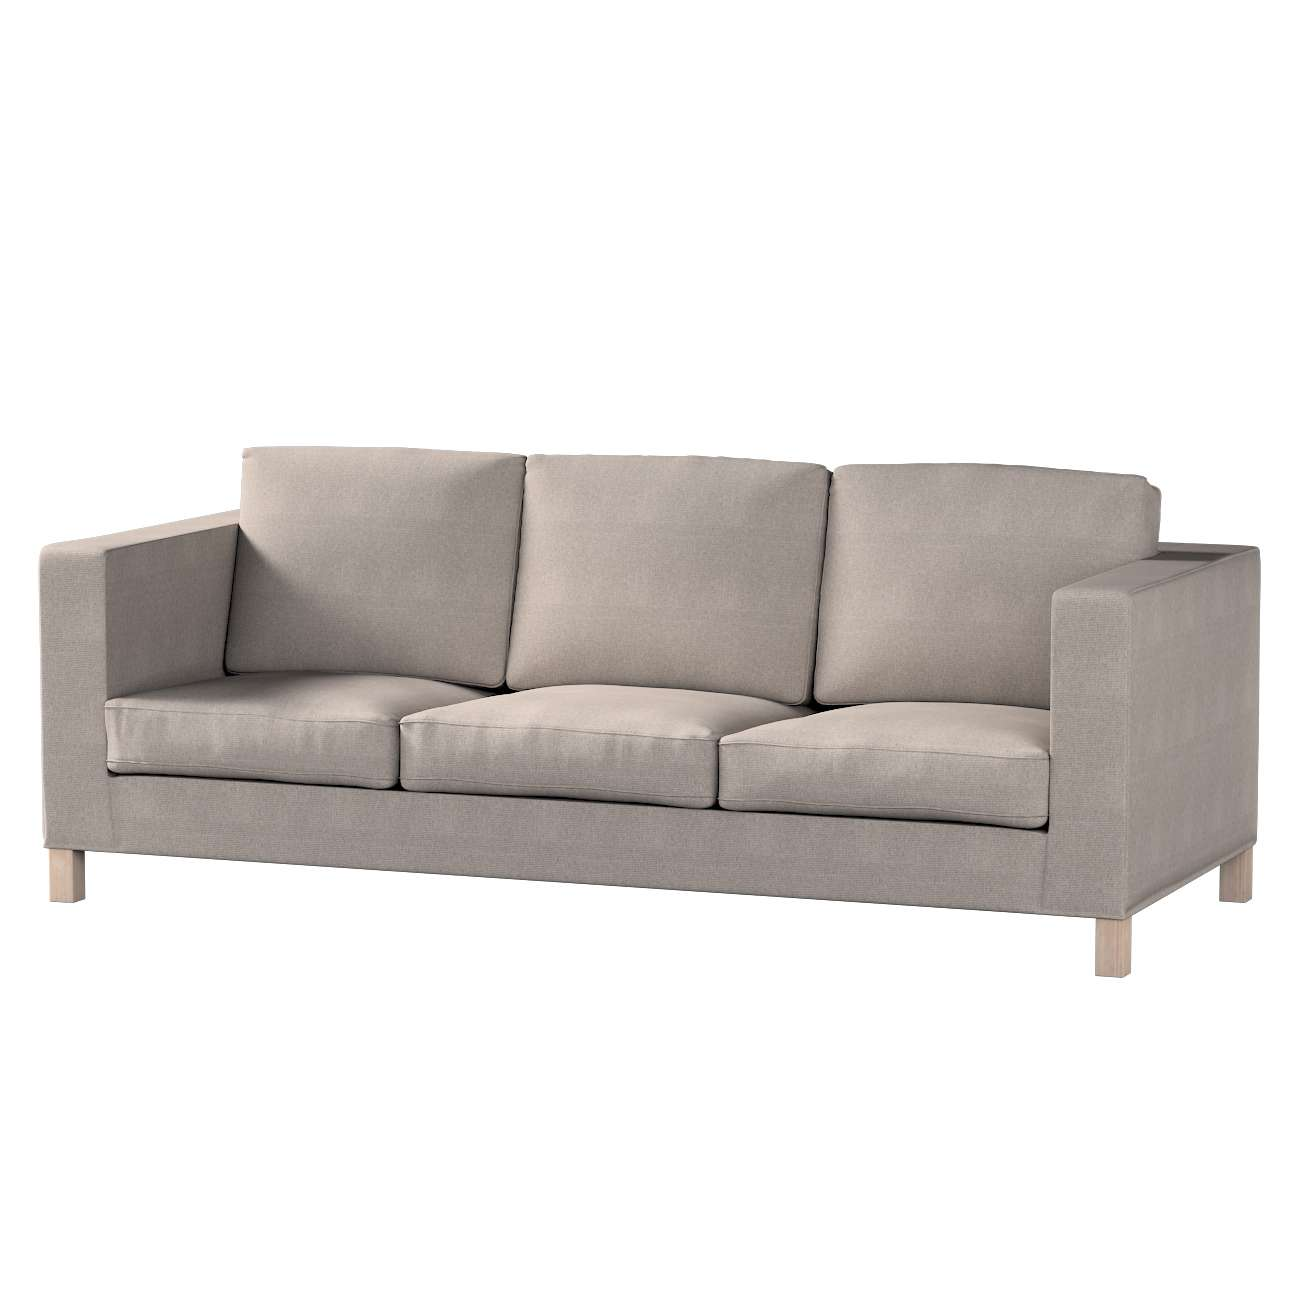 Bezug für Karlanda 3-Sitzer Sofa nicht ausklappbar, kurz von der Kollektion Etna, Stoff: 705-09